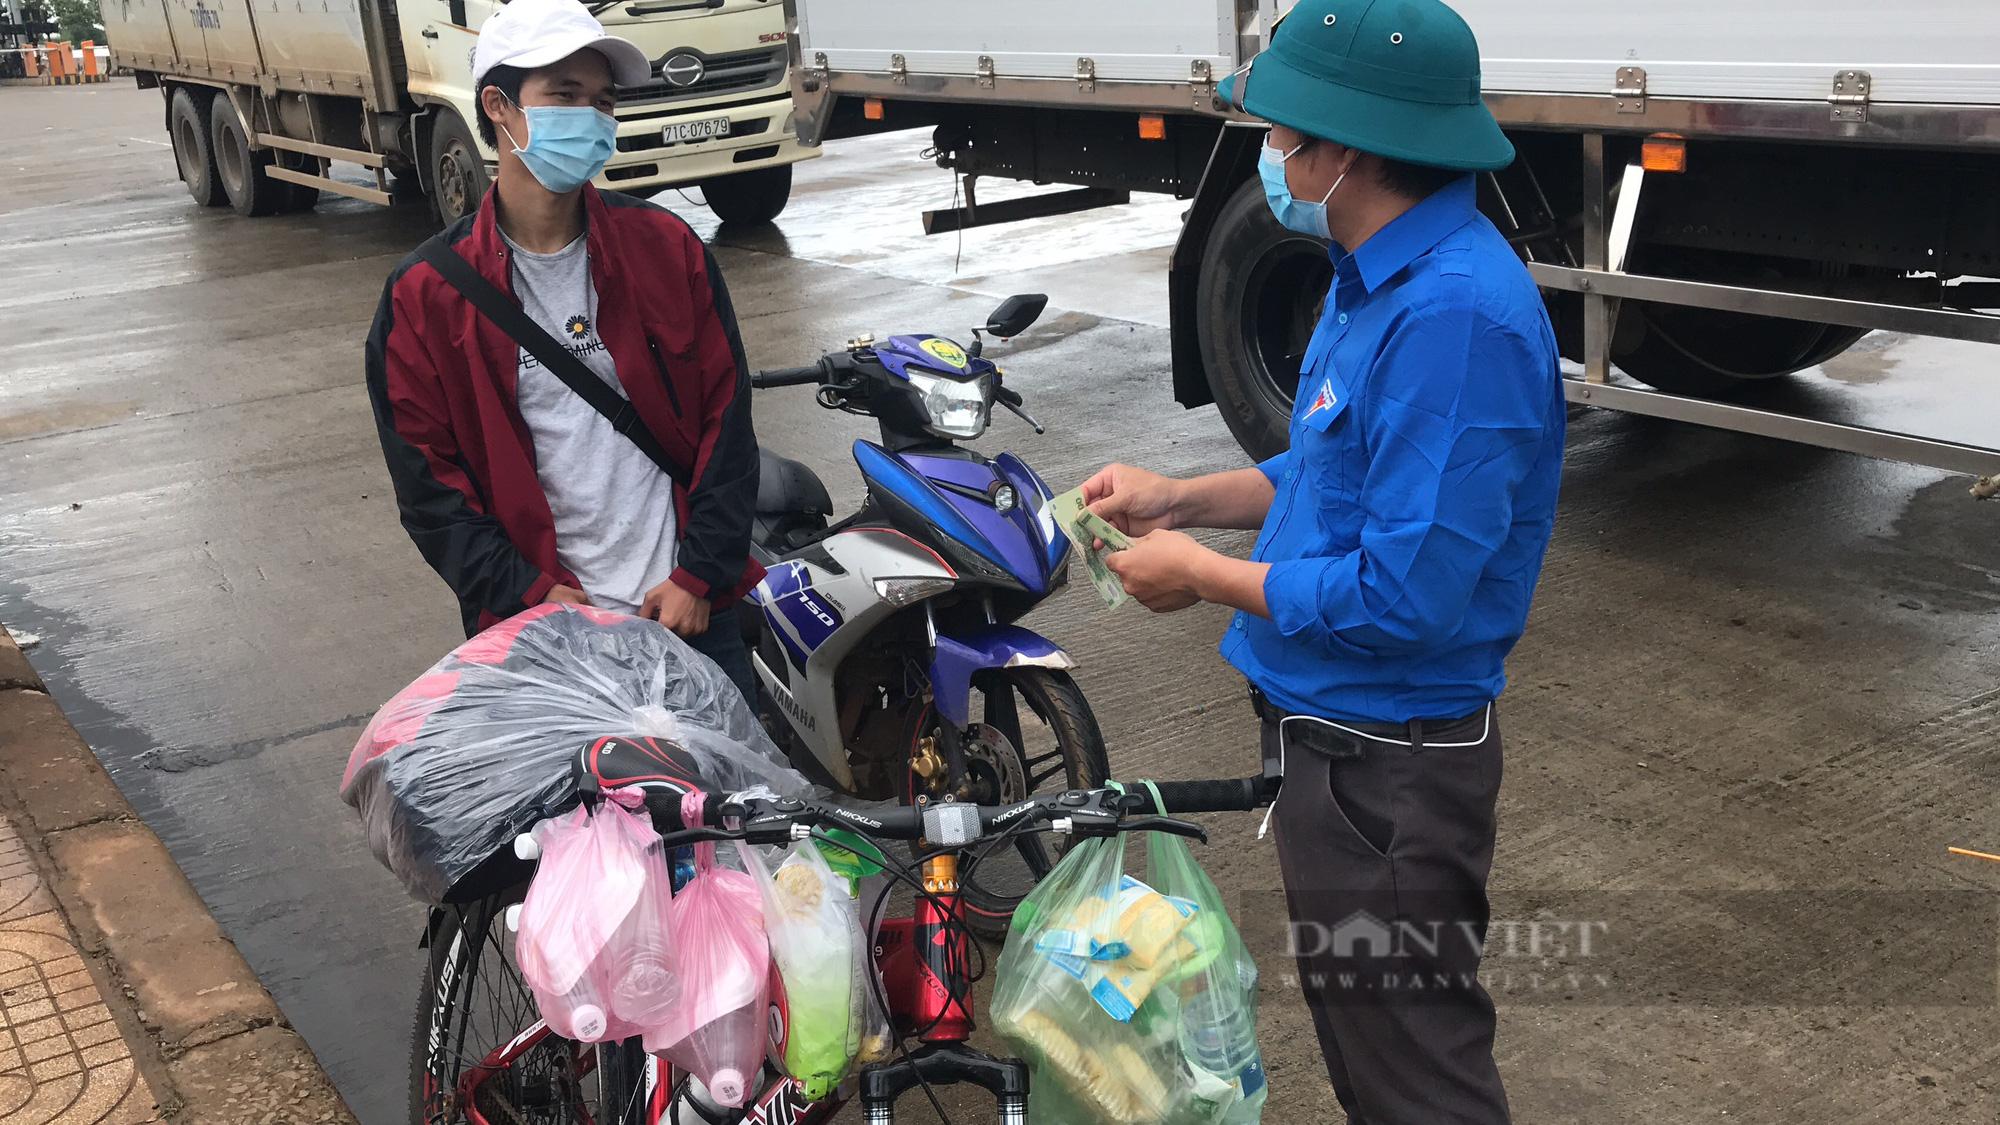 Thanh niên đạp xe về quê chỉ nhận 1 nửa tiền hỗ trợ dù bụng đói lả - Ảnh 1.